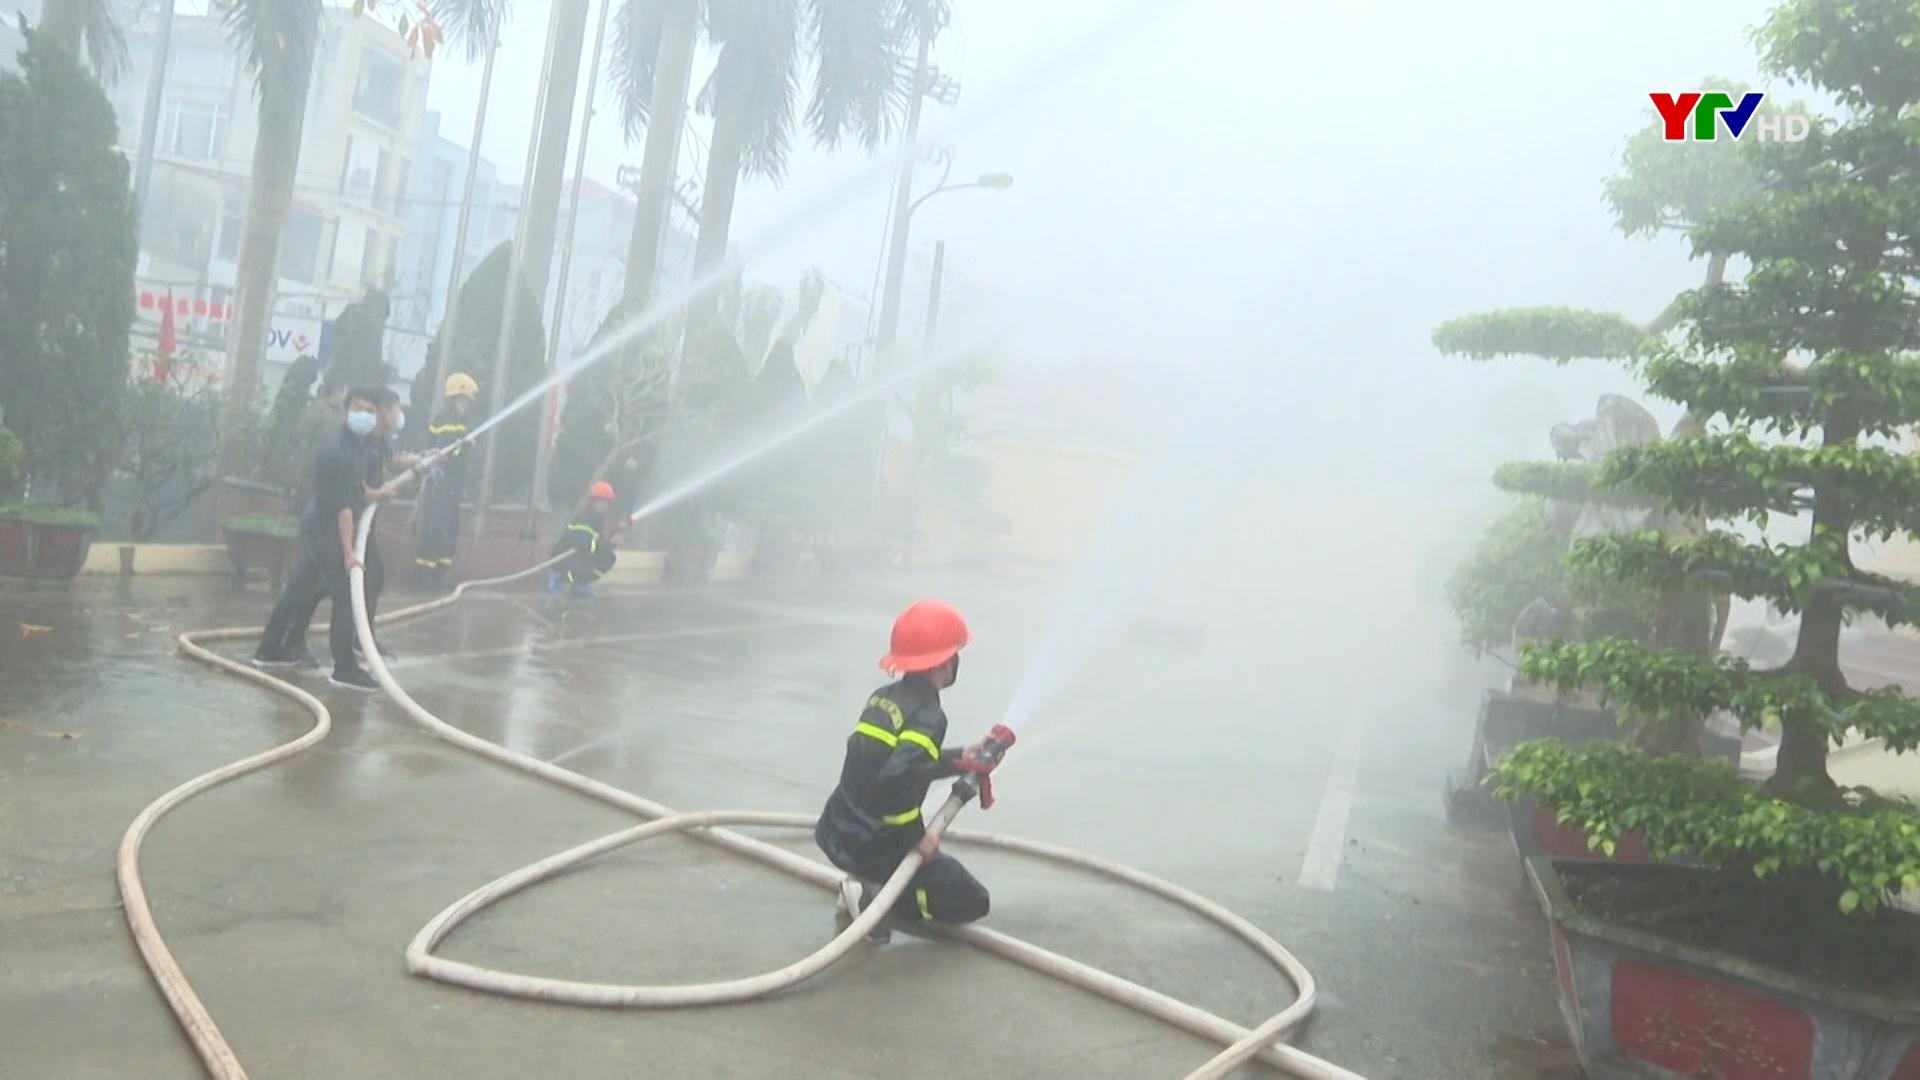 Xây dựng lực lượng Cảnh sát Phòng cháy chữa cháy: Chính quy, tinh nhuệ, vì nhân dân phục vụ